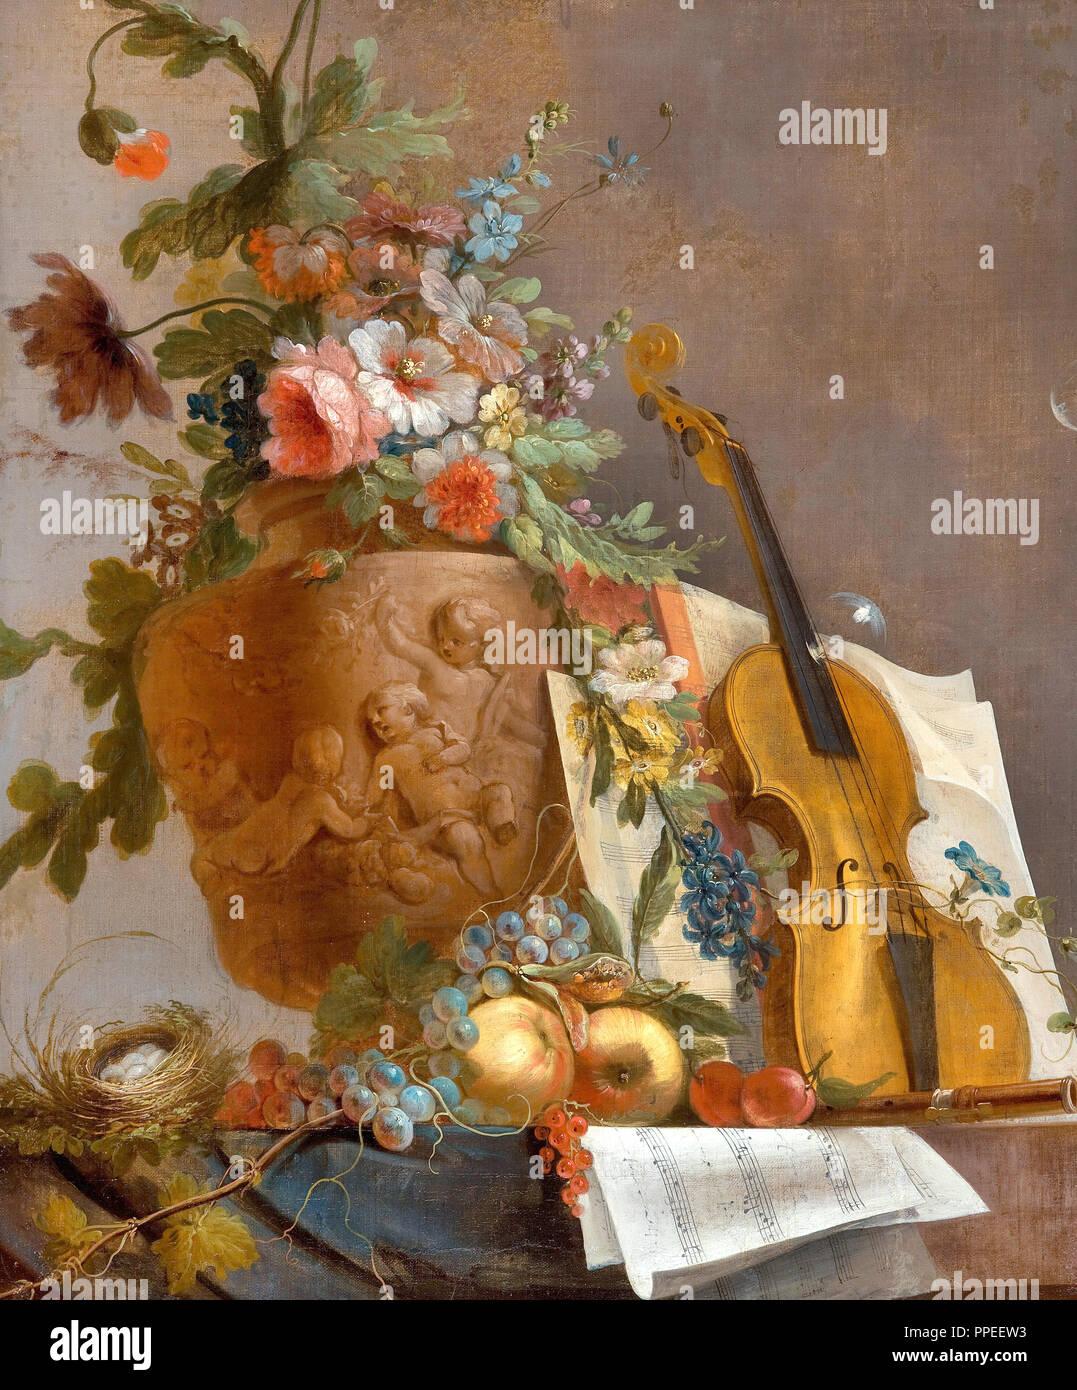 Jean-Jacques Bachelier, Bodegón con flores y un violín. Circa 1750. Óleo sobre lienzo. Galería de Arte de Australia del Sur, la terraza Norte, Australia. Imagen De Stock